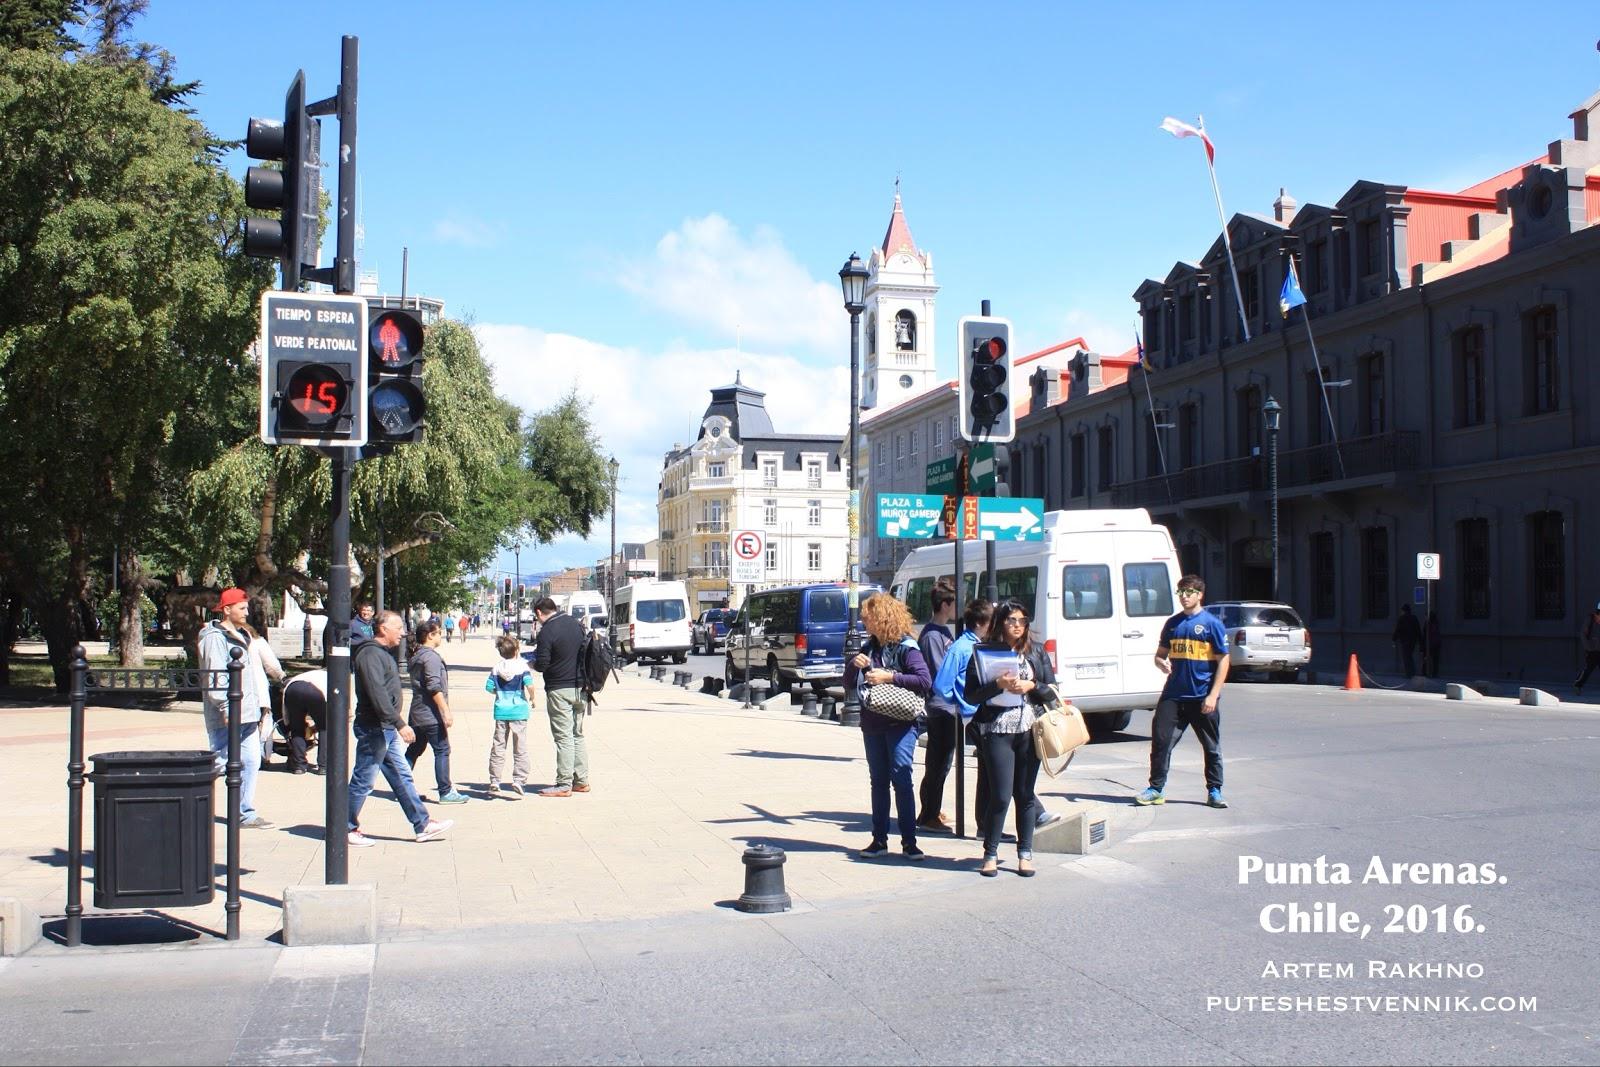 Светофор в городе Пунта-Аренас